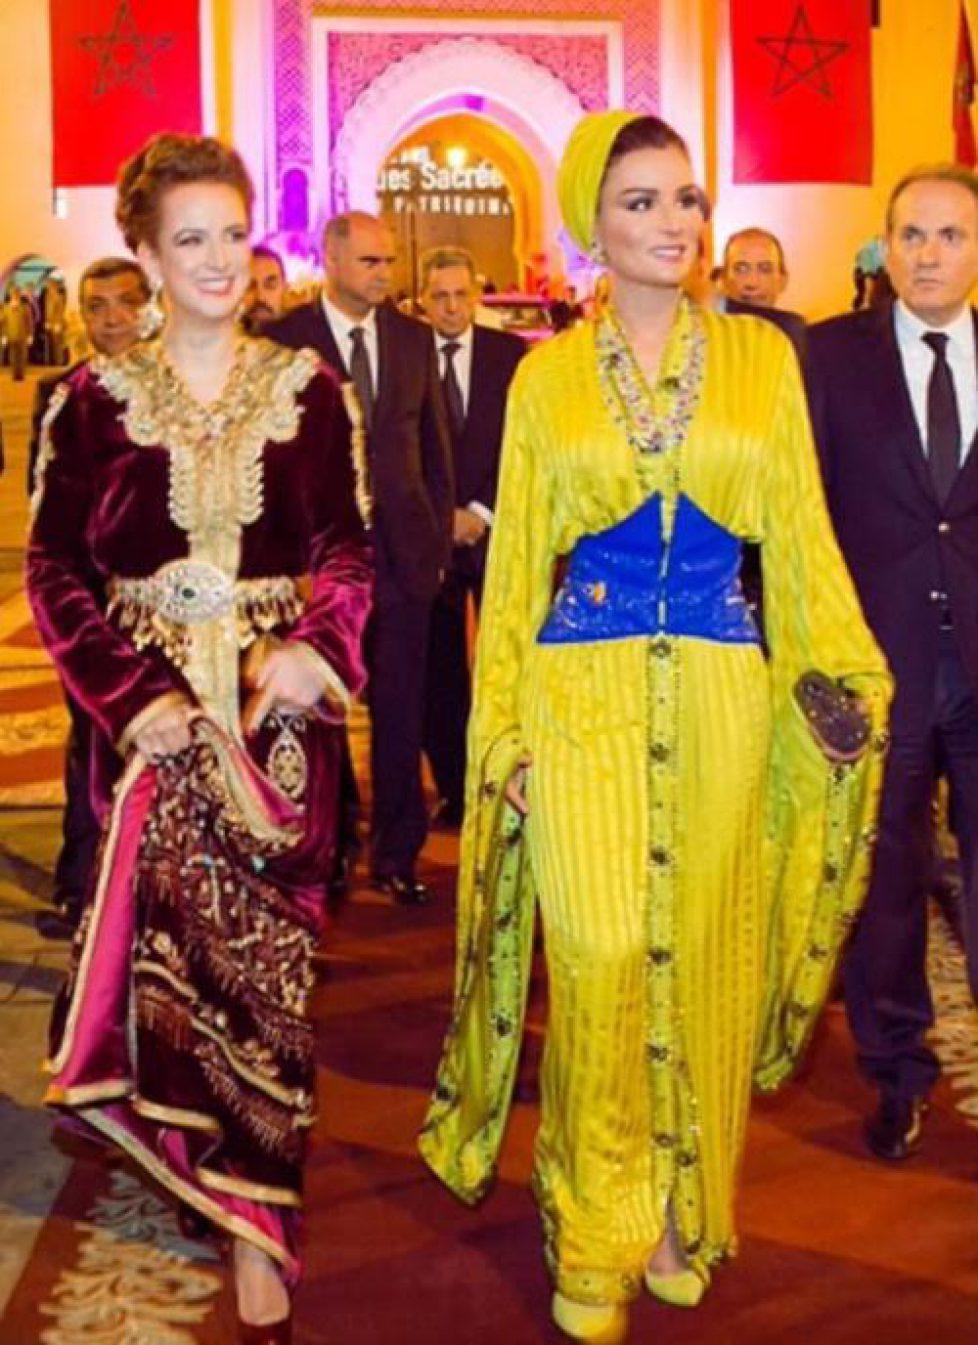 Gros plan sur les caftans de Lalla Salma du Maroc et de la sheikha Mozah